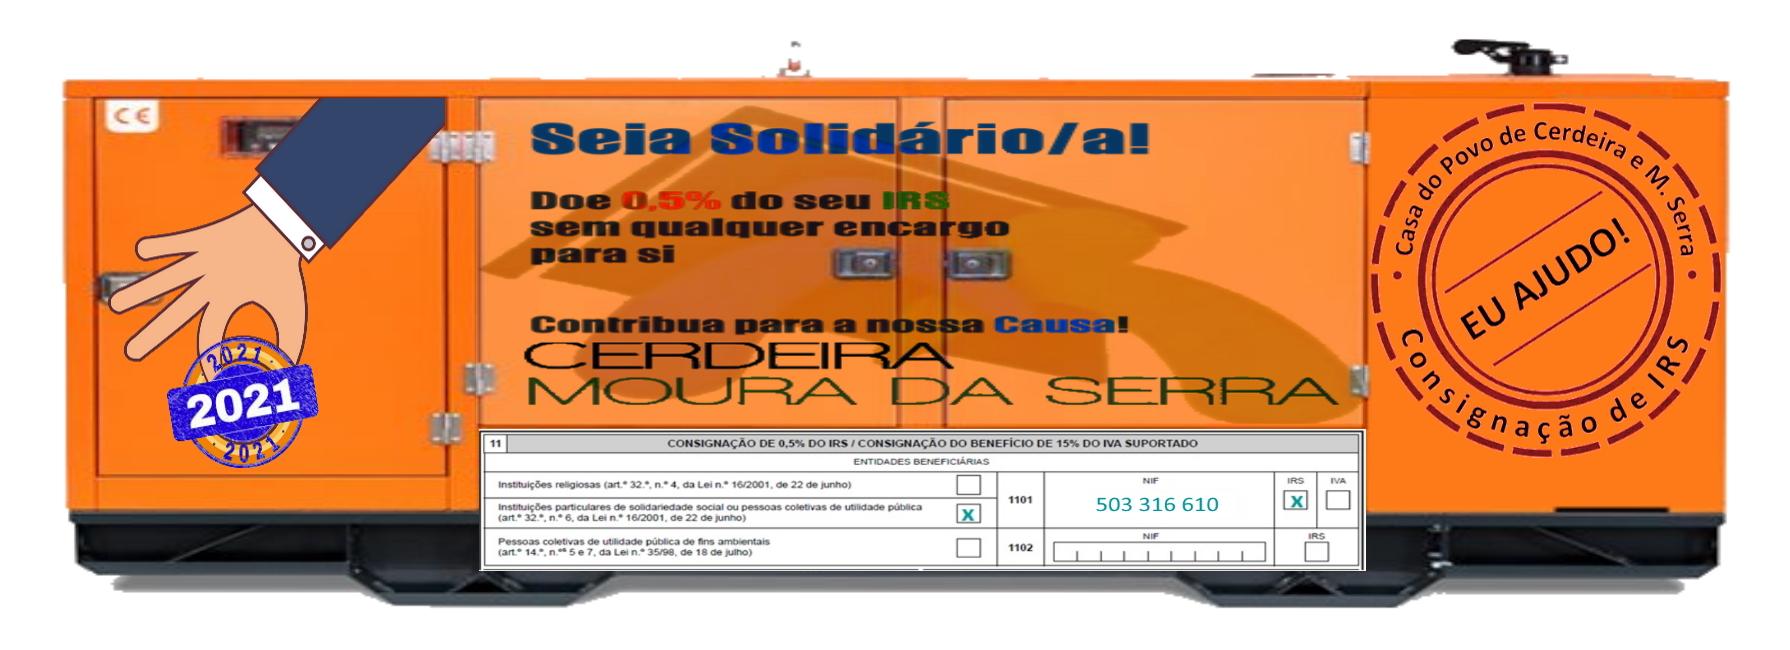 Consignação de IRS à Casa do Povo de Cerdeira e Moura da Serra, I.P.S.S.